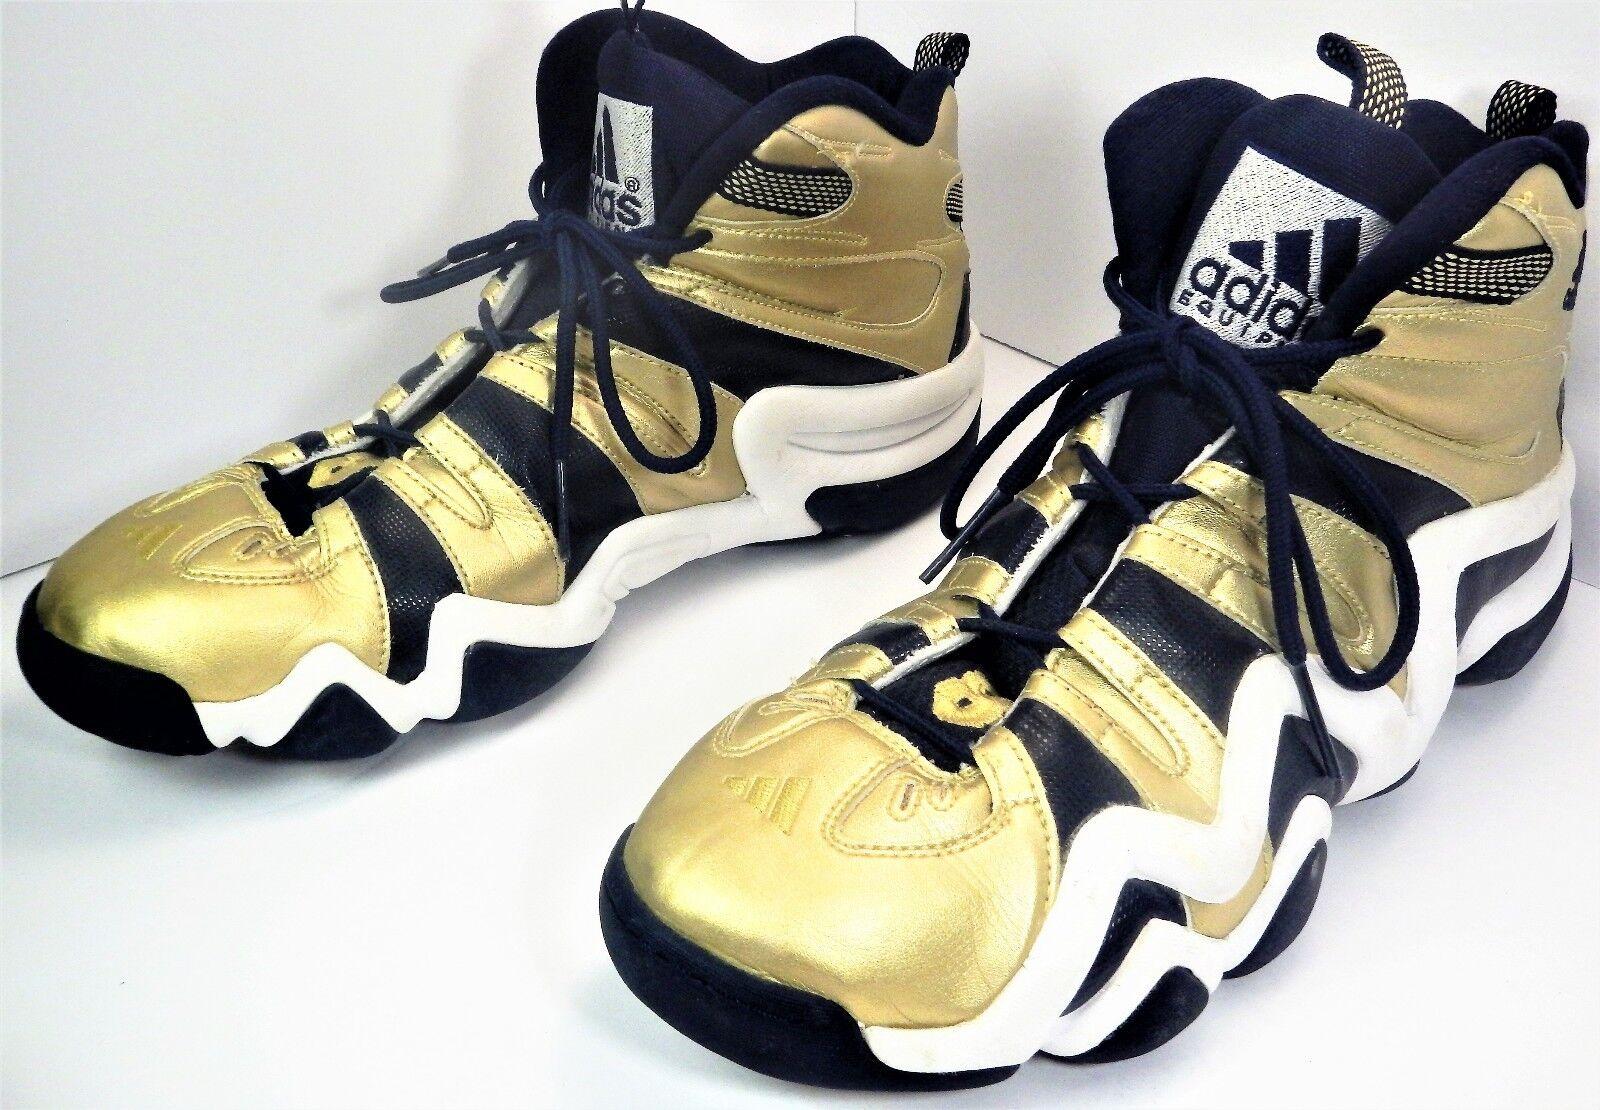 2011 adidas crazy crazy crazy 8 notre - dame marina oro limitata g21469 15 / 3 51043b